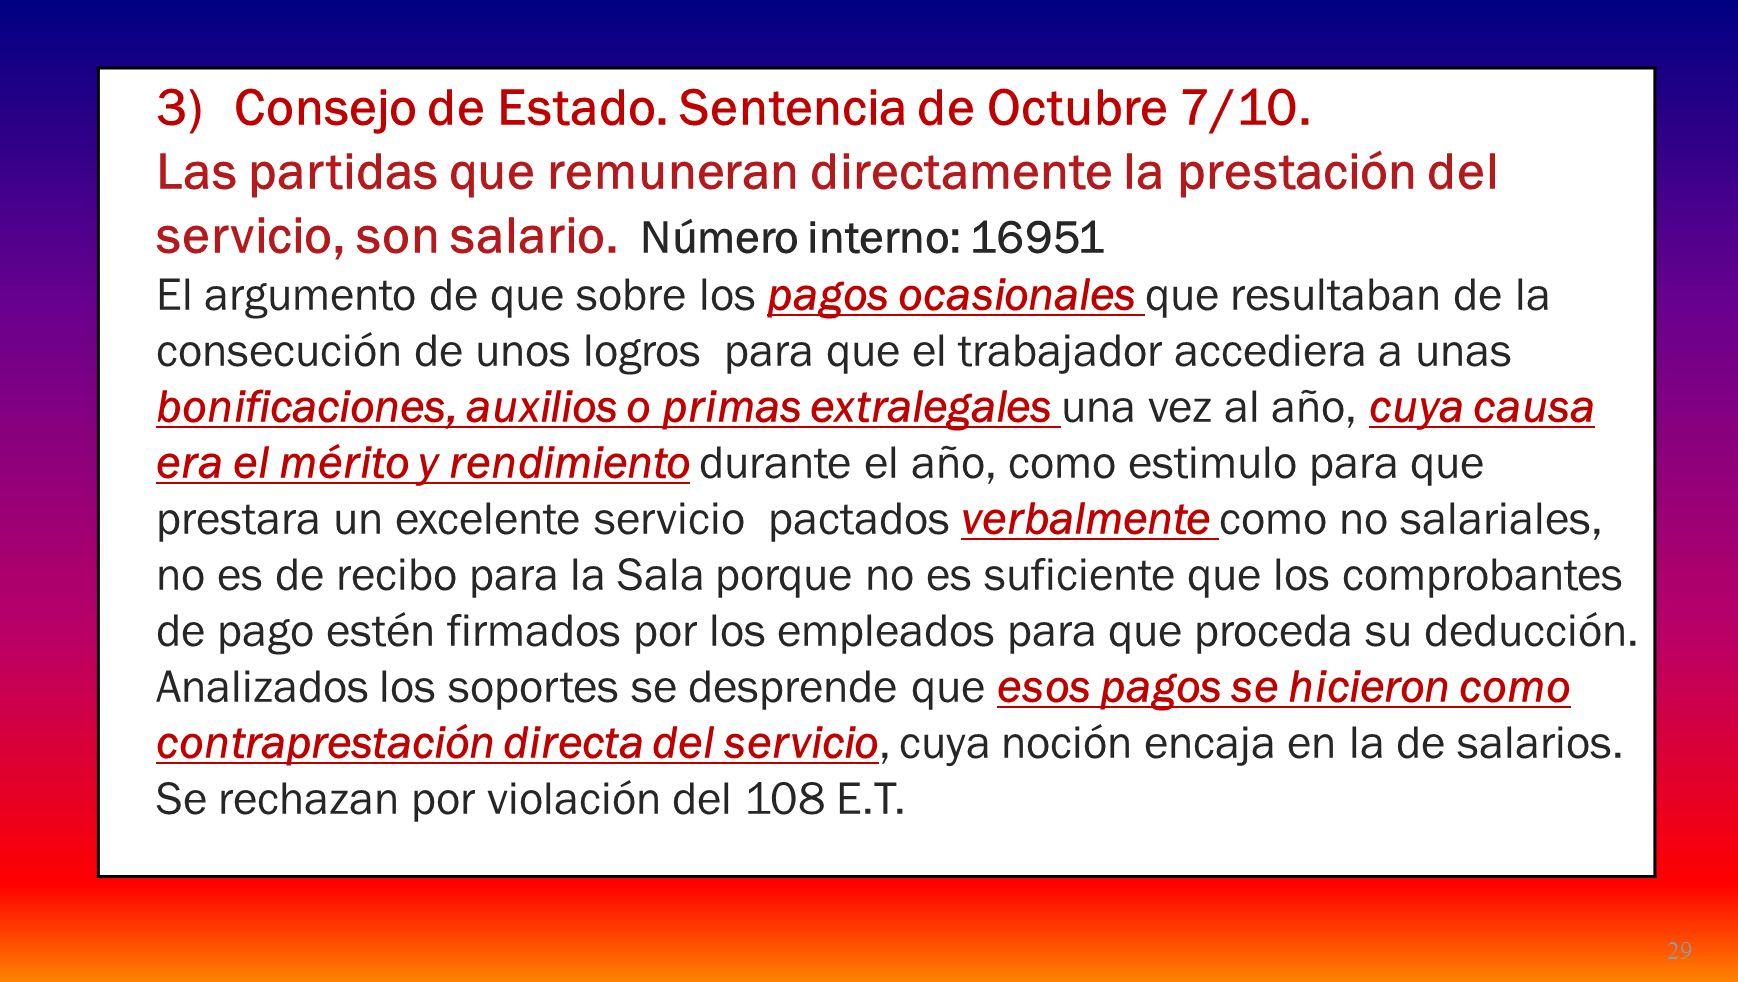 29 3)Consejo de Estado. Sentencia de Octubre 7/10. Las partidas que remuneran directamente la prestación del servicio, son salario. Número interno: 16